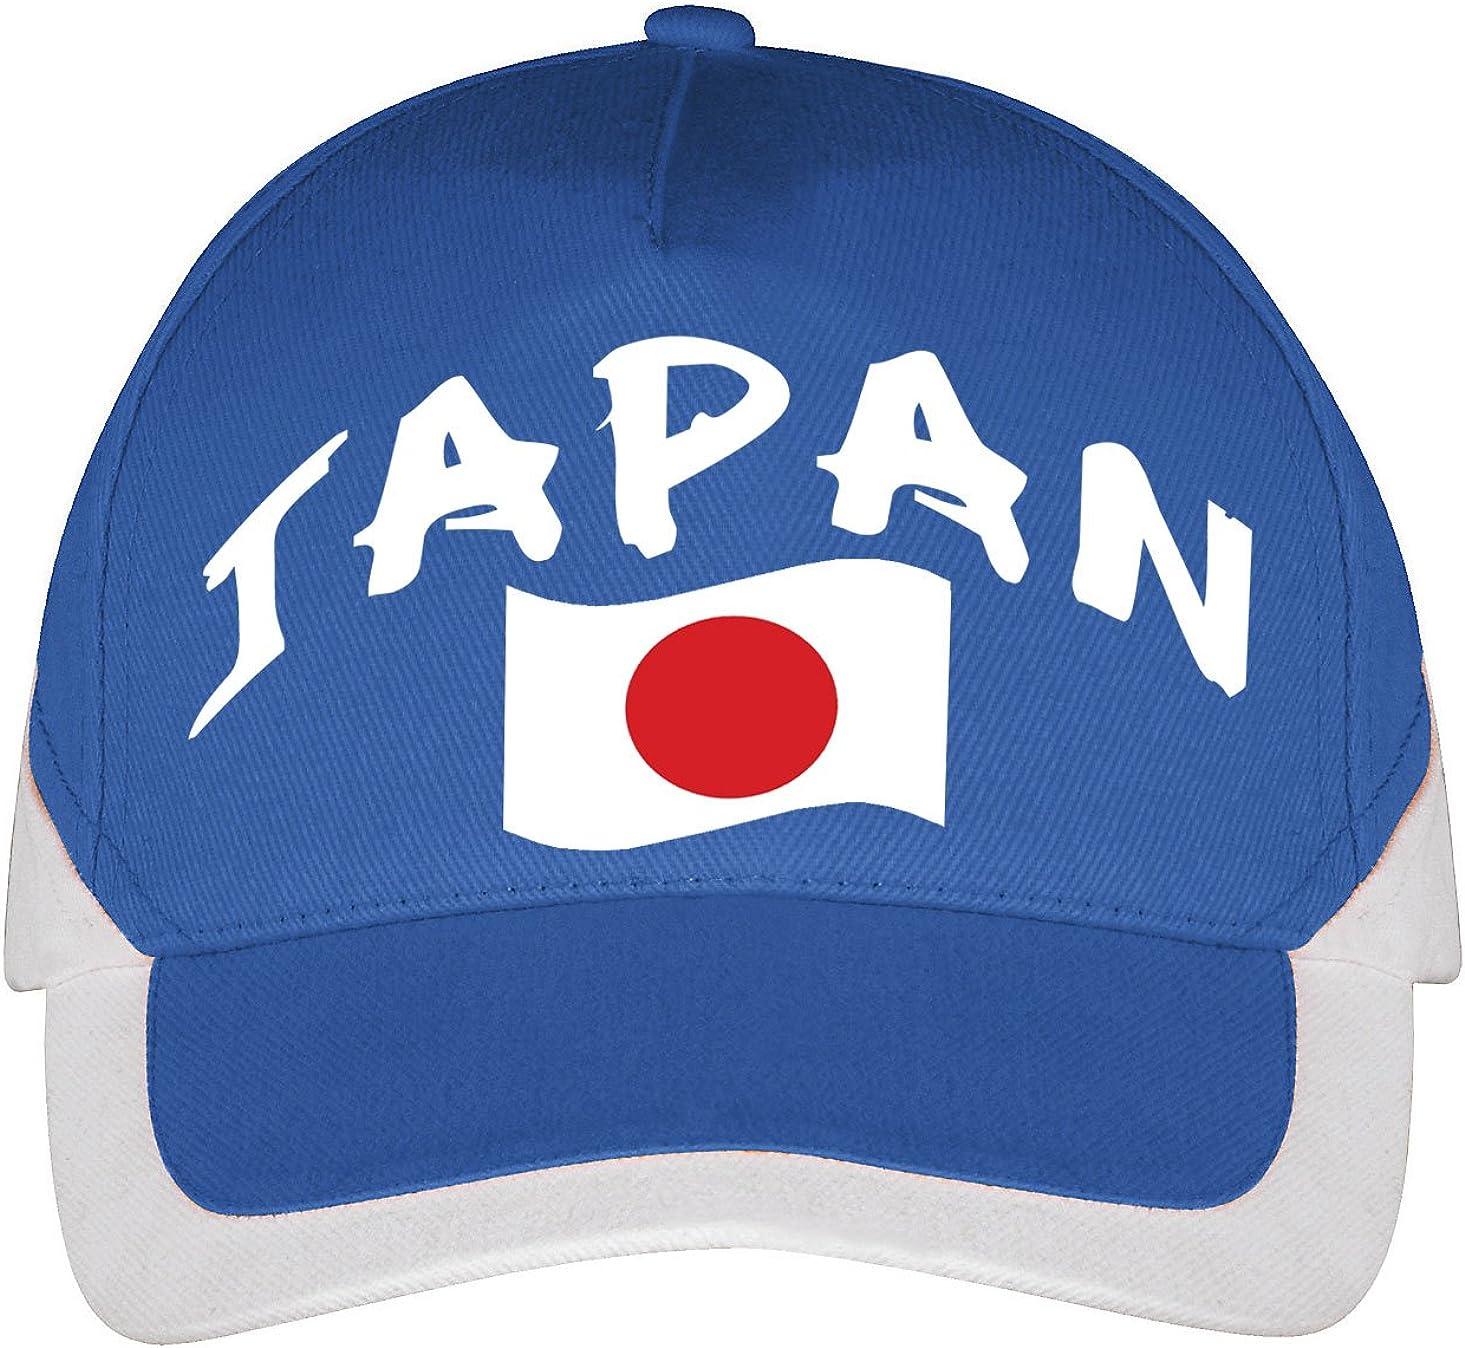 Supportershop – Gorra Japón fútbol, Azul, FR: Talla Unique (Talla ...